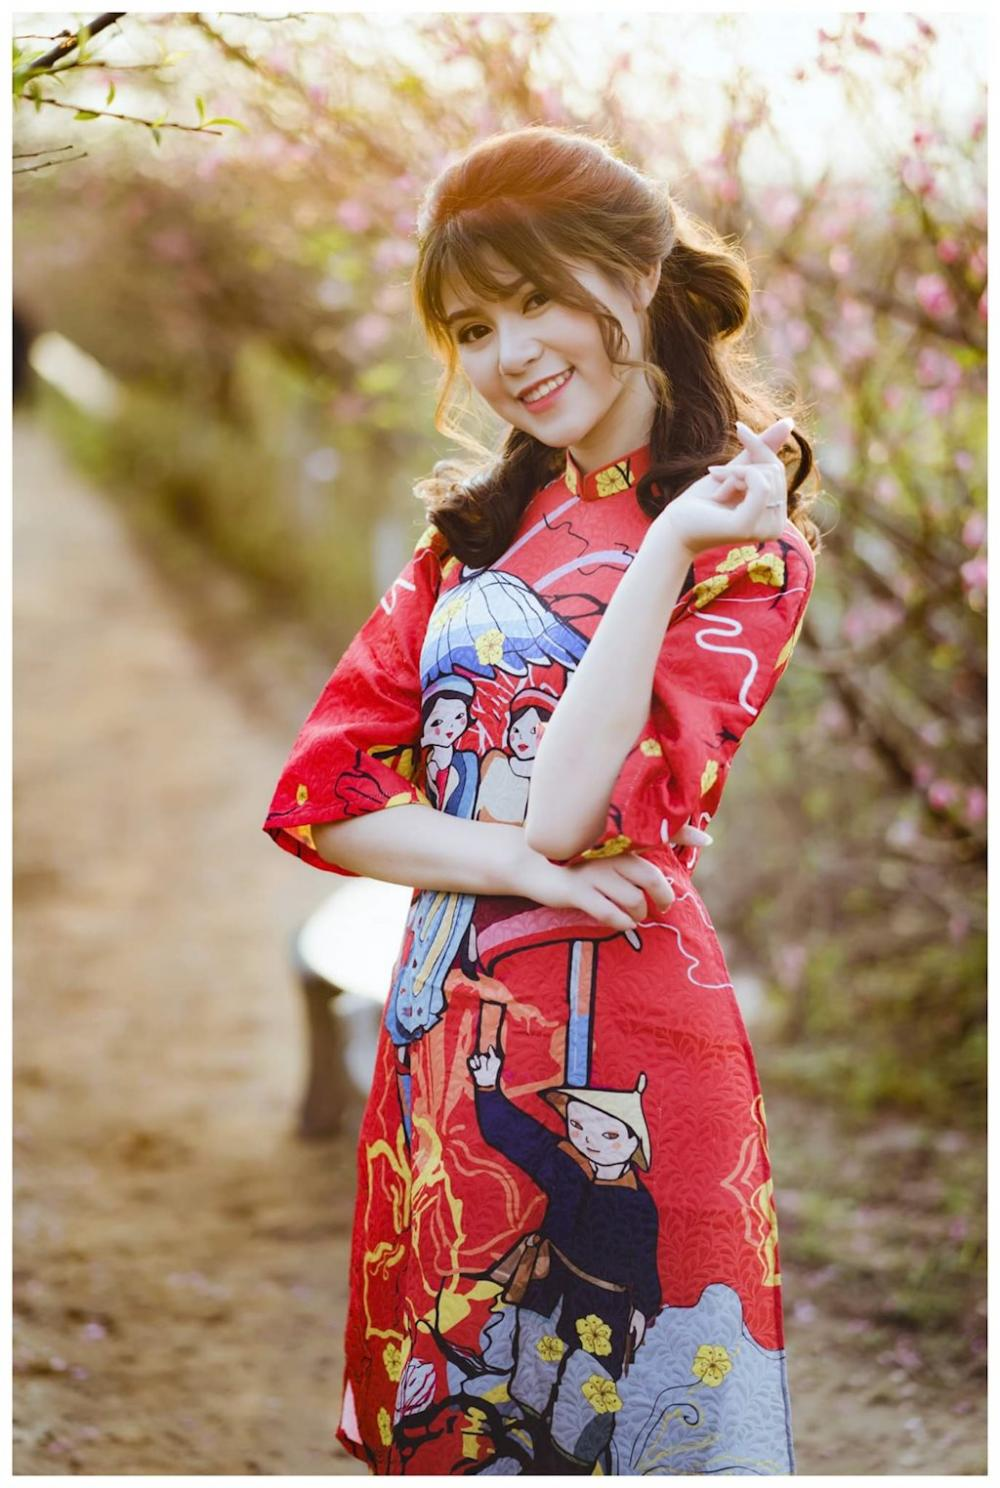 Trong bộ ảnh mới của mình, Phương Oanh xuất hiện với mái tóc dài, xoăn nhẹ nhàng, trẻ trung.